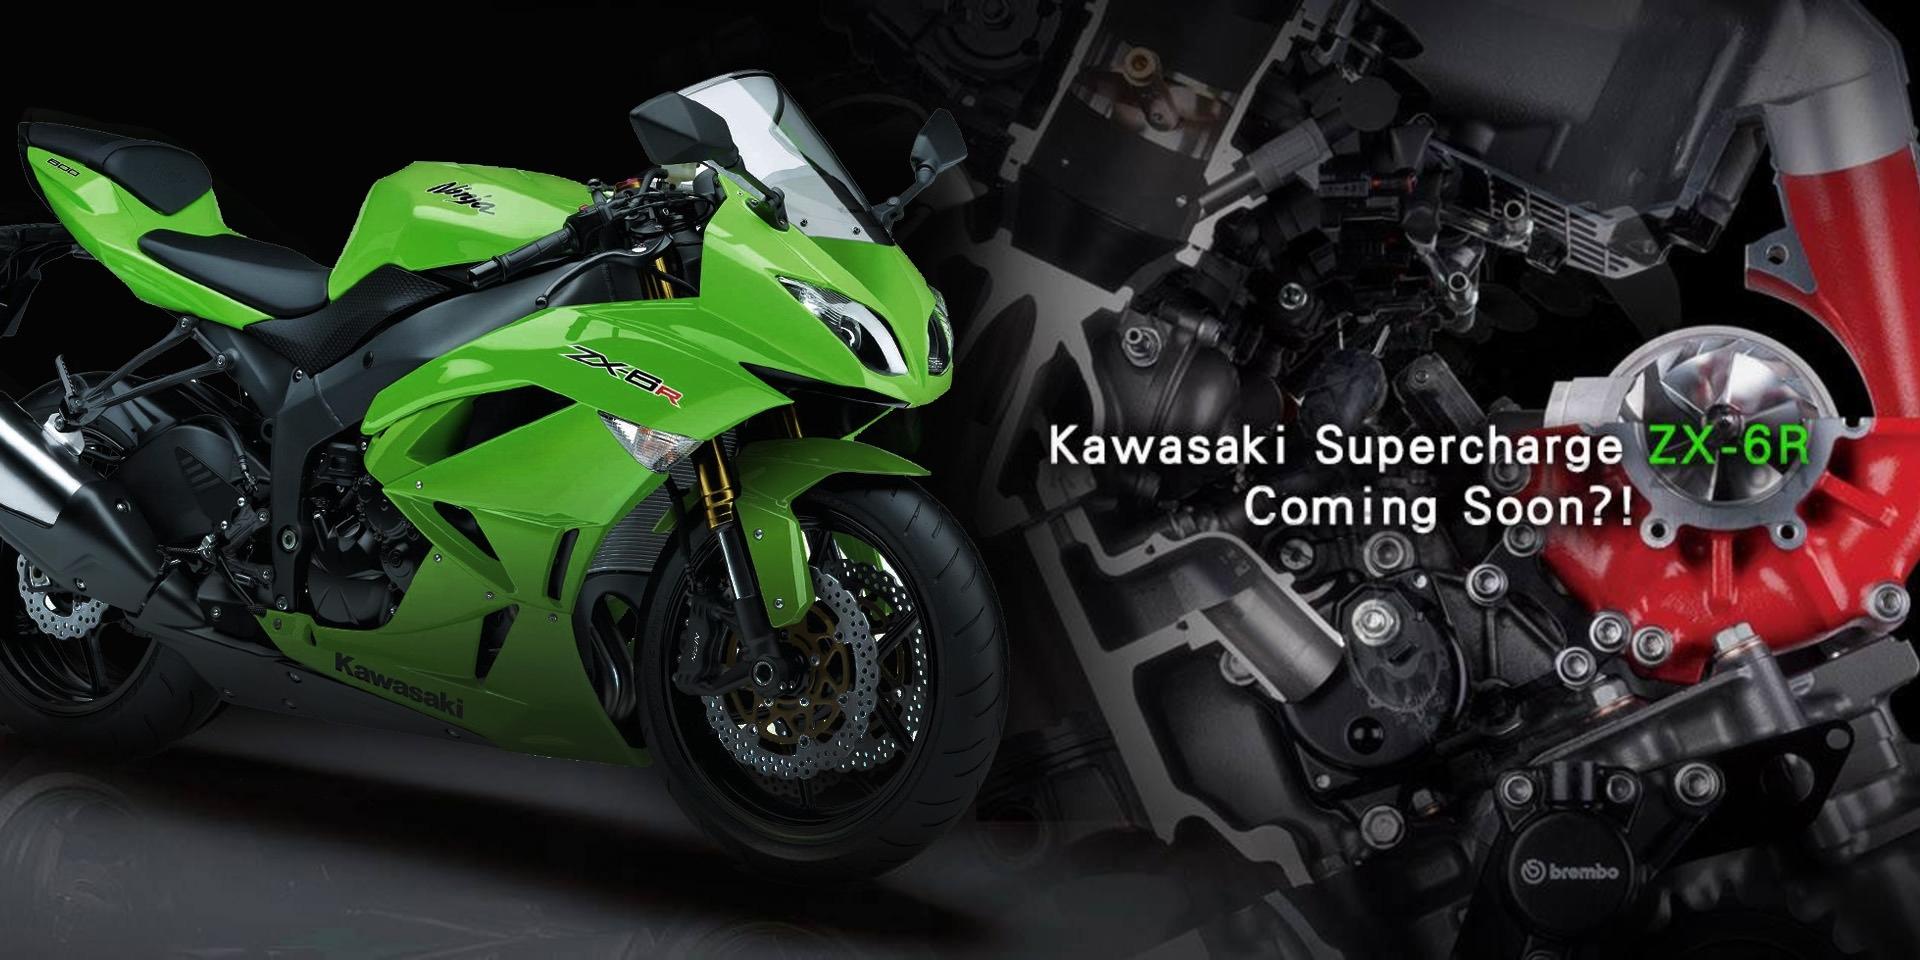 機械增壓第二彈!Kawasaki ZX-6R 猛獸升級進行中?!